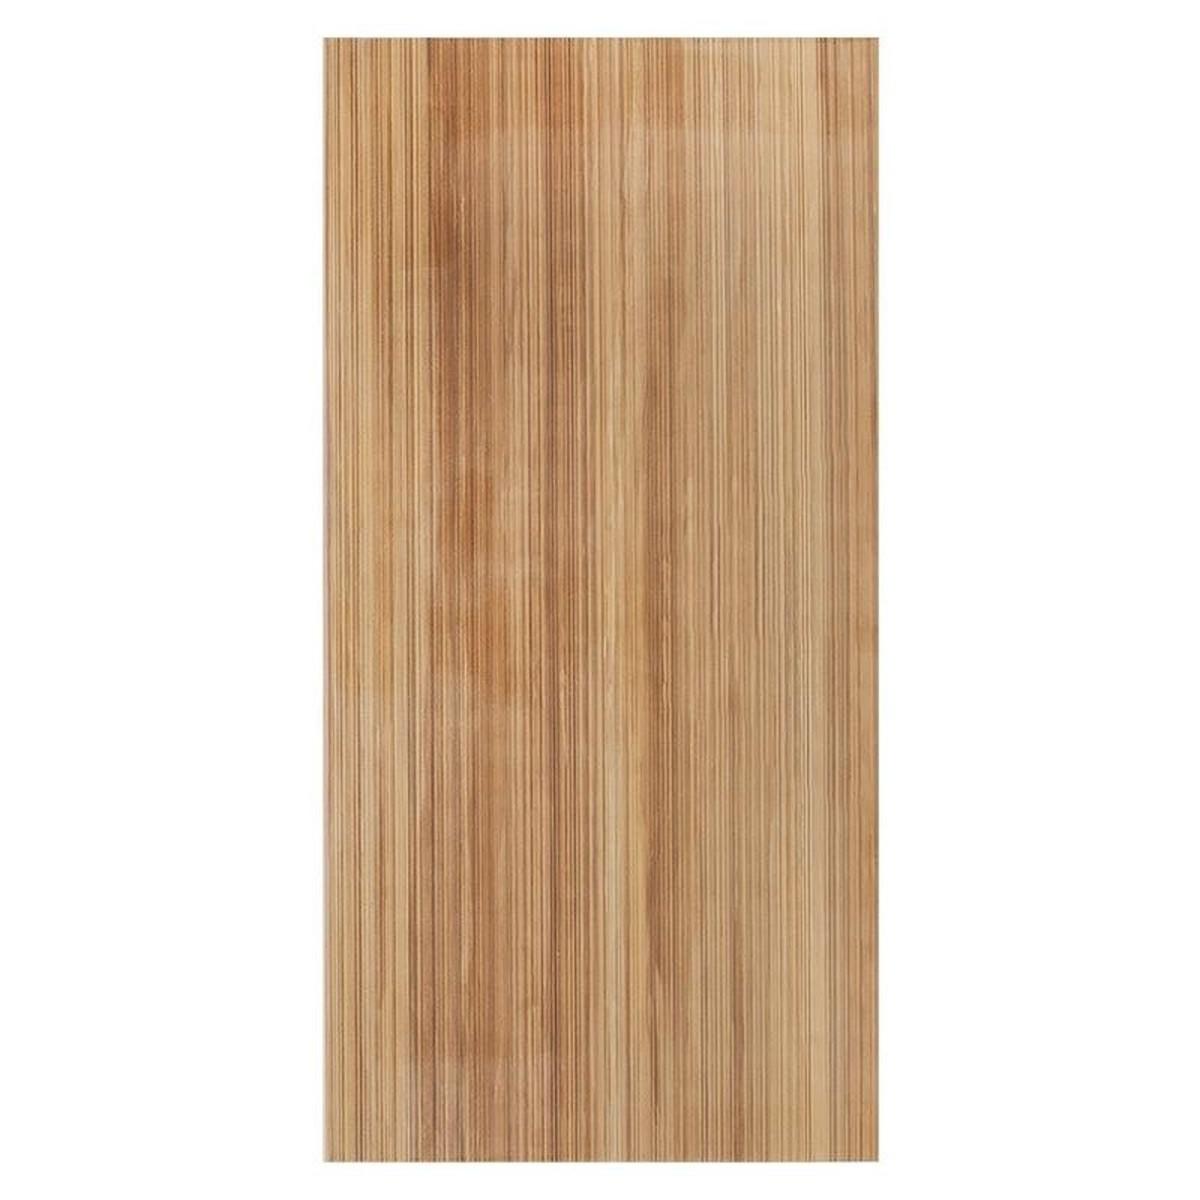 Плитка настенная Venezia golden sand 25х50 см 1 м2 цвет коричневый